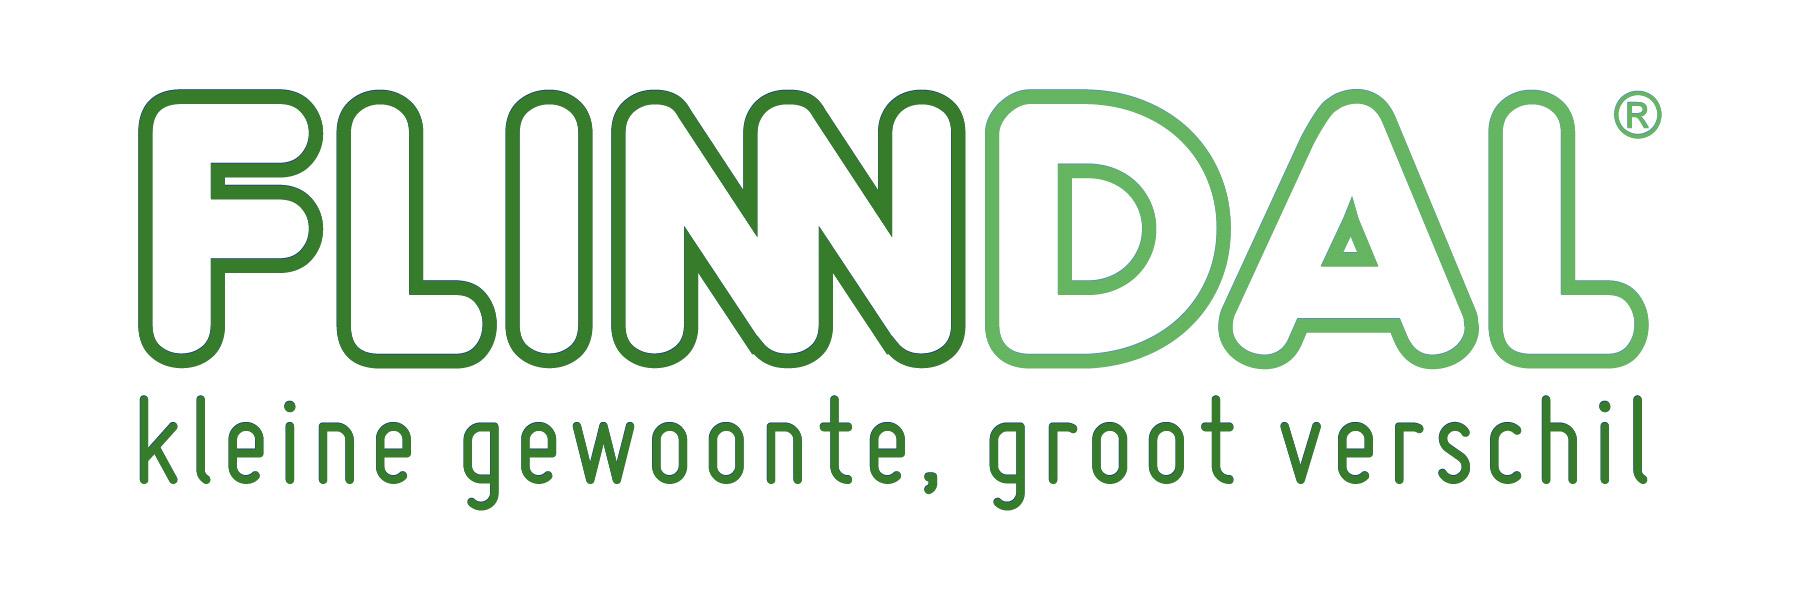 Flinndal.nl